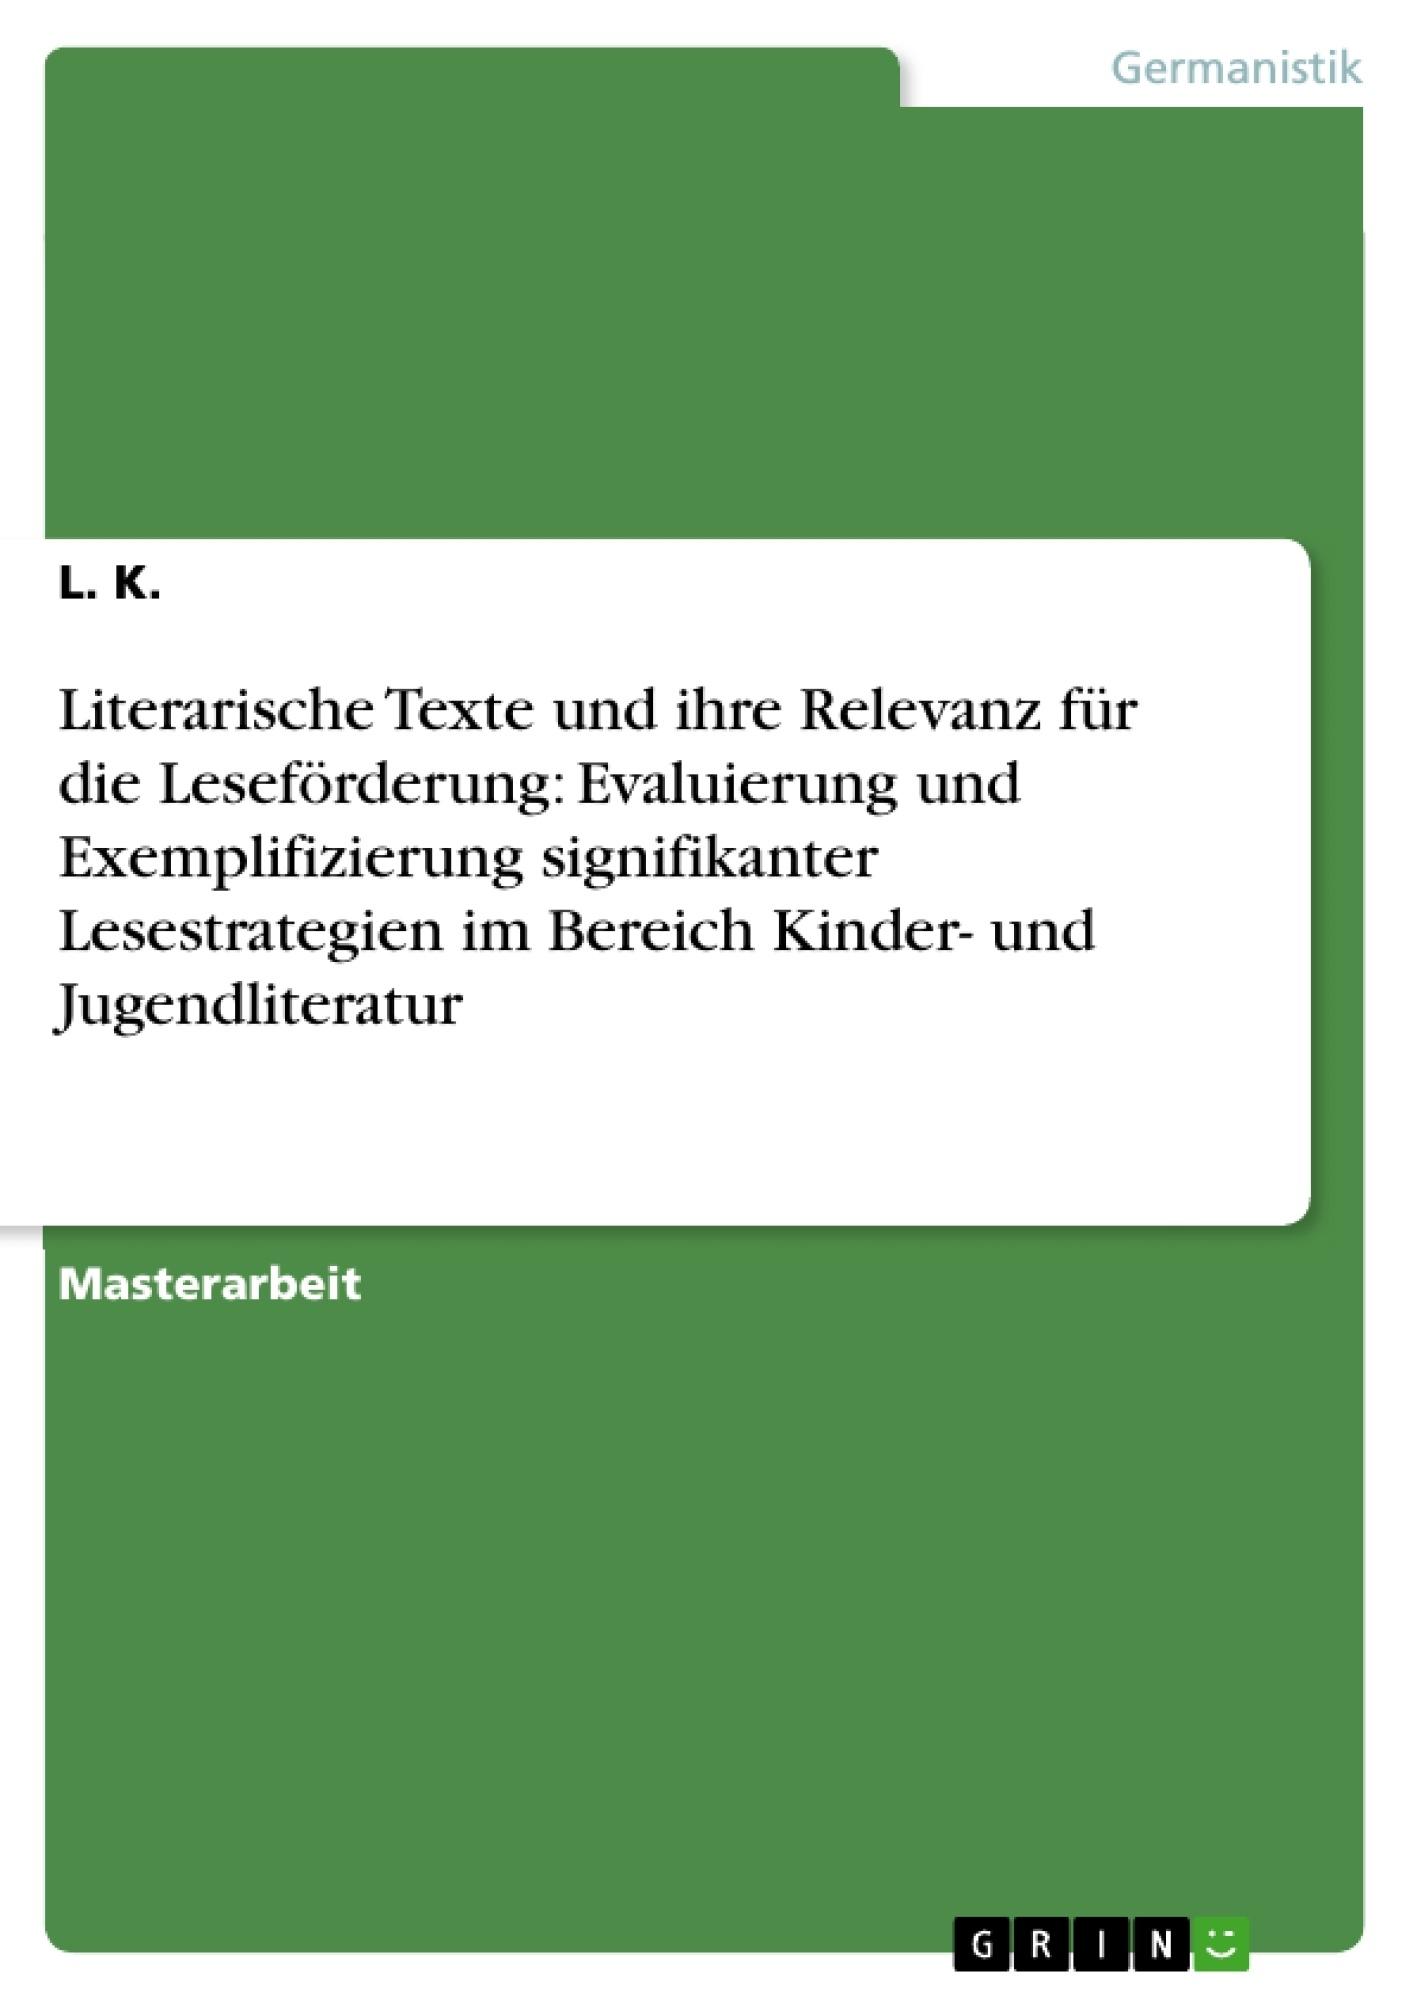 Titel: Literarische Texte und ihre Relevanz für die Leseförderung: Evaluierung und Exemplifizierung signifikanter Lesestrategien im Bereich Kinder- und Jugendliteratur